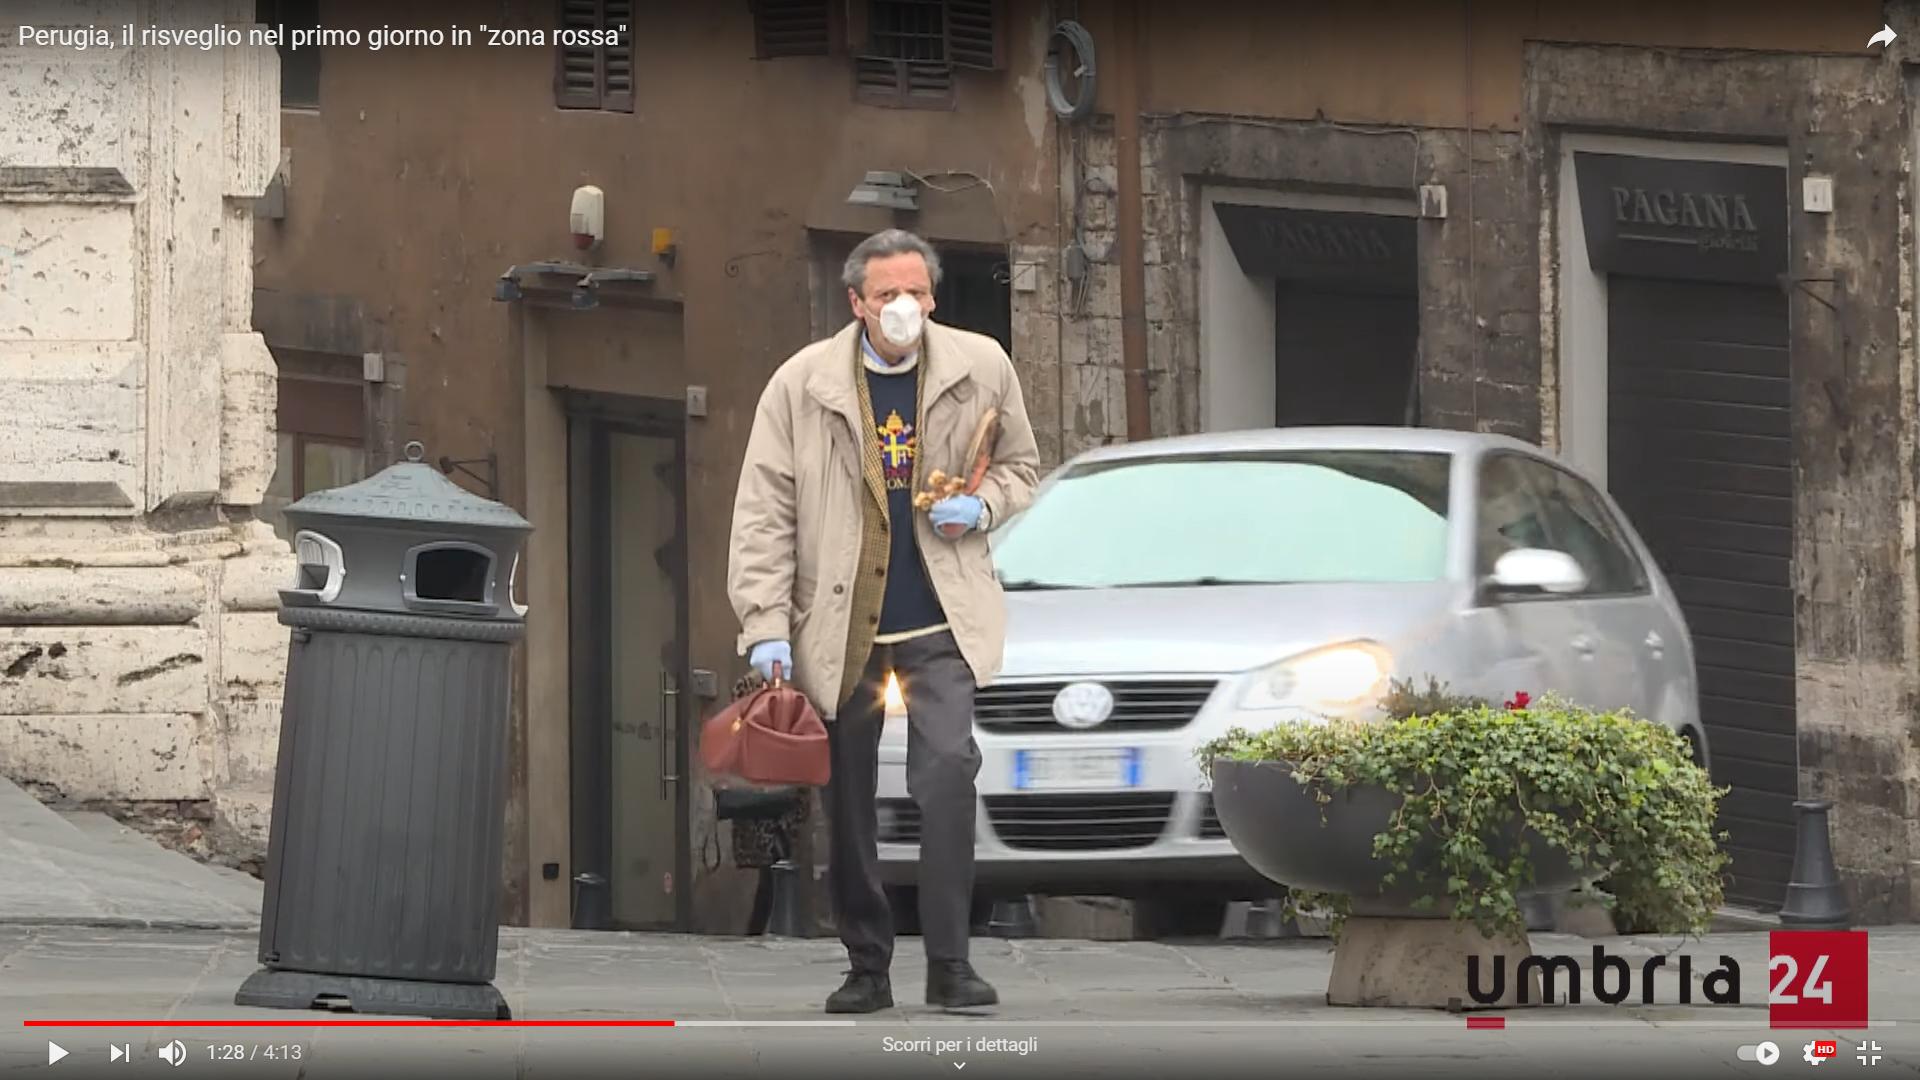 Perugia, il risveglio in zona rossa